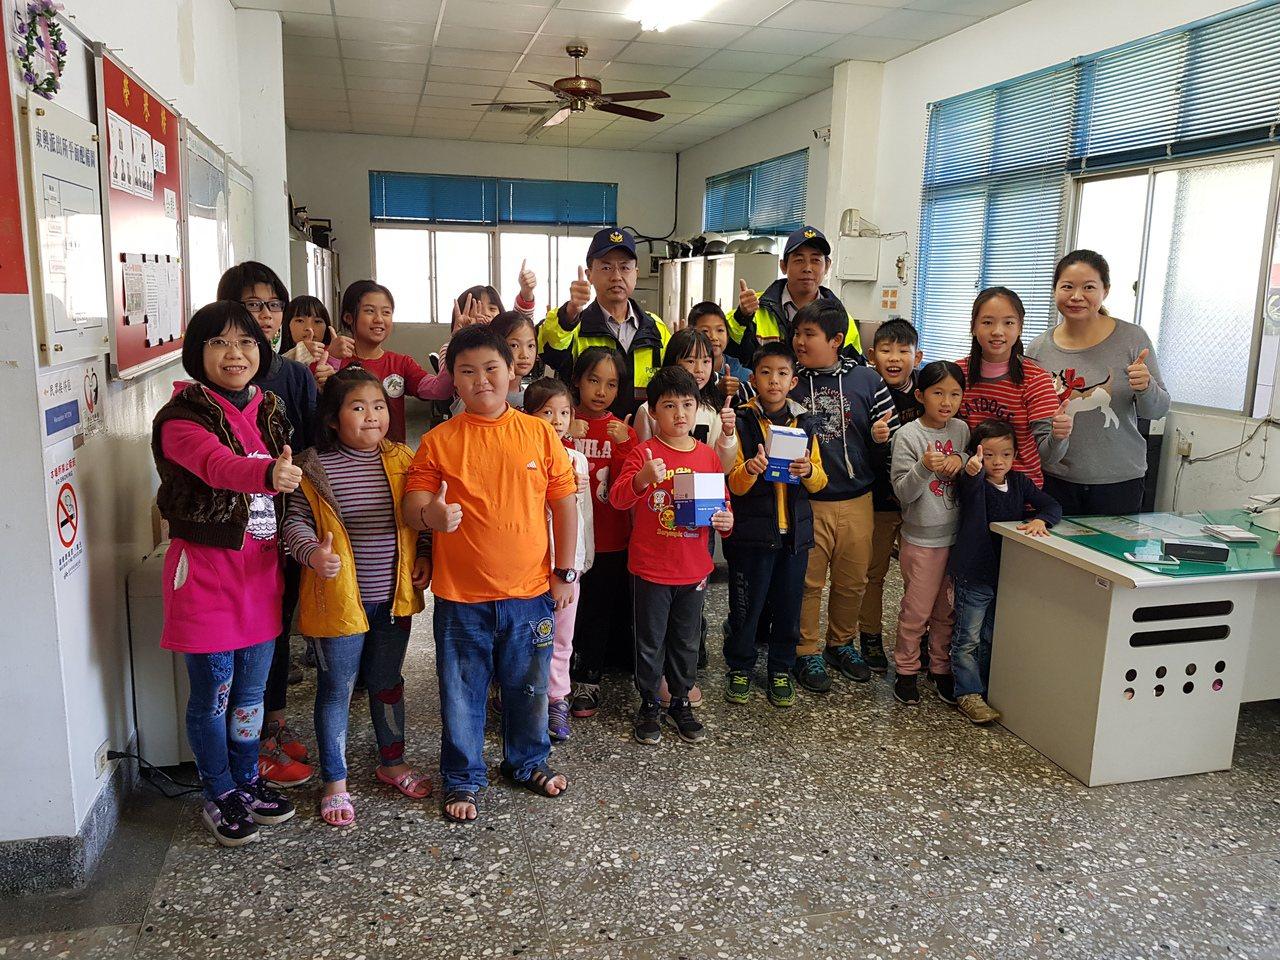 台中市東勢鎮東興國學童唱歌給警員聽,提前度耶誕。圖/東勢分局提供